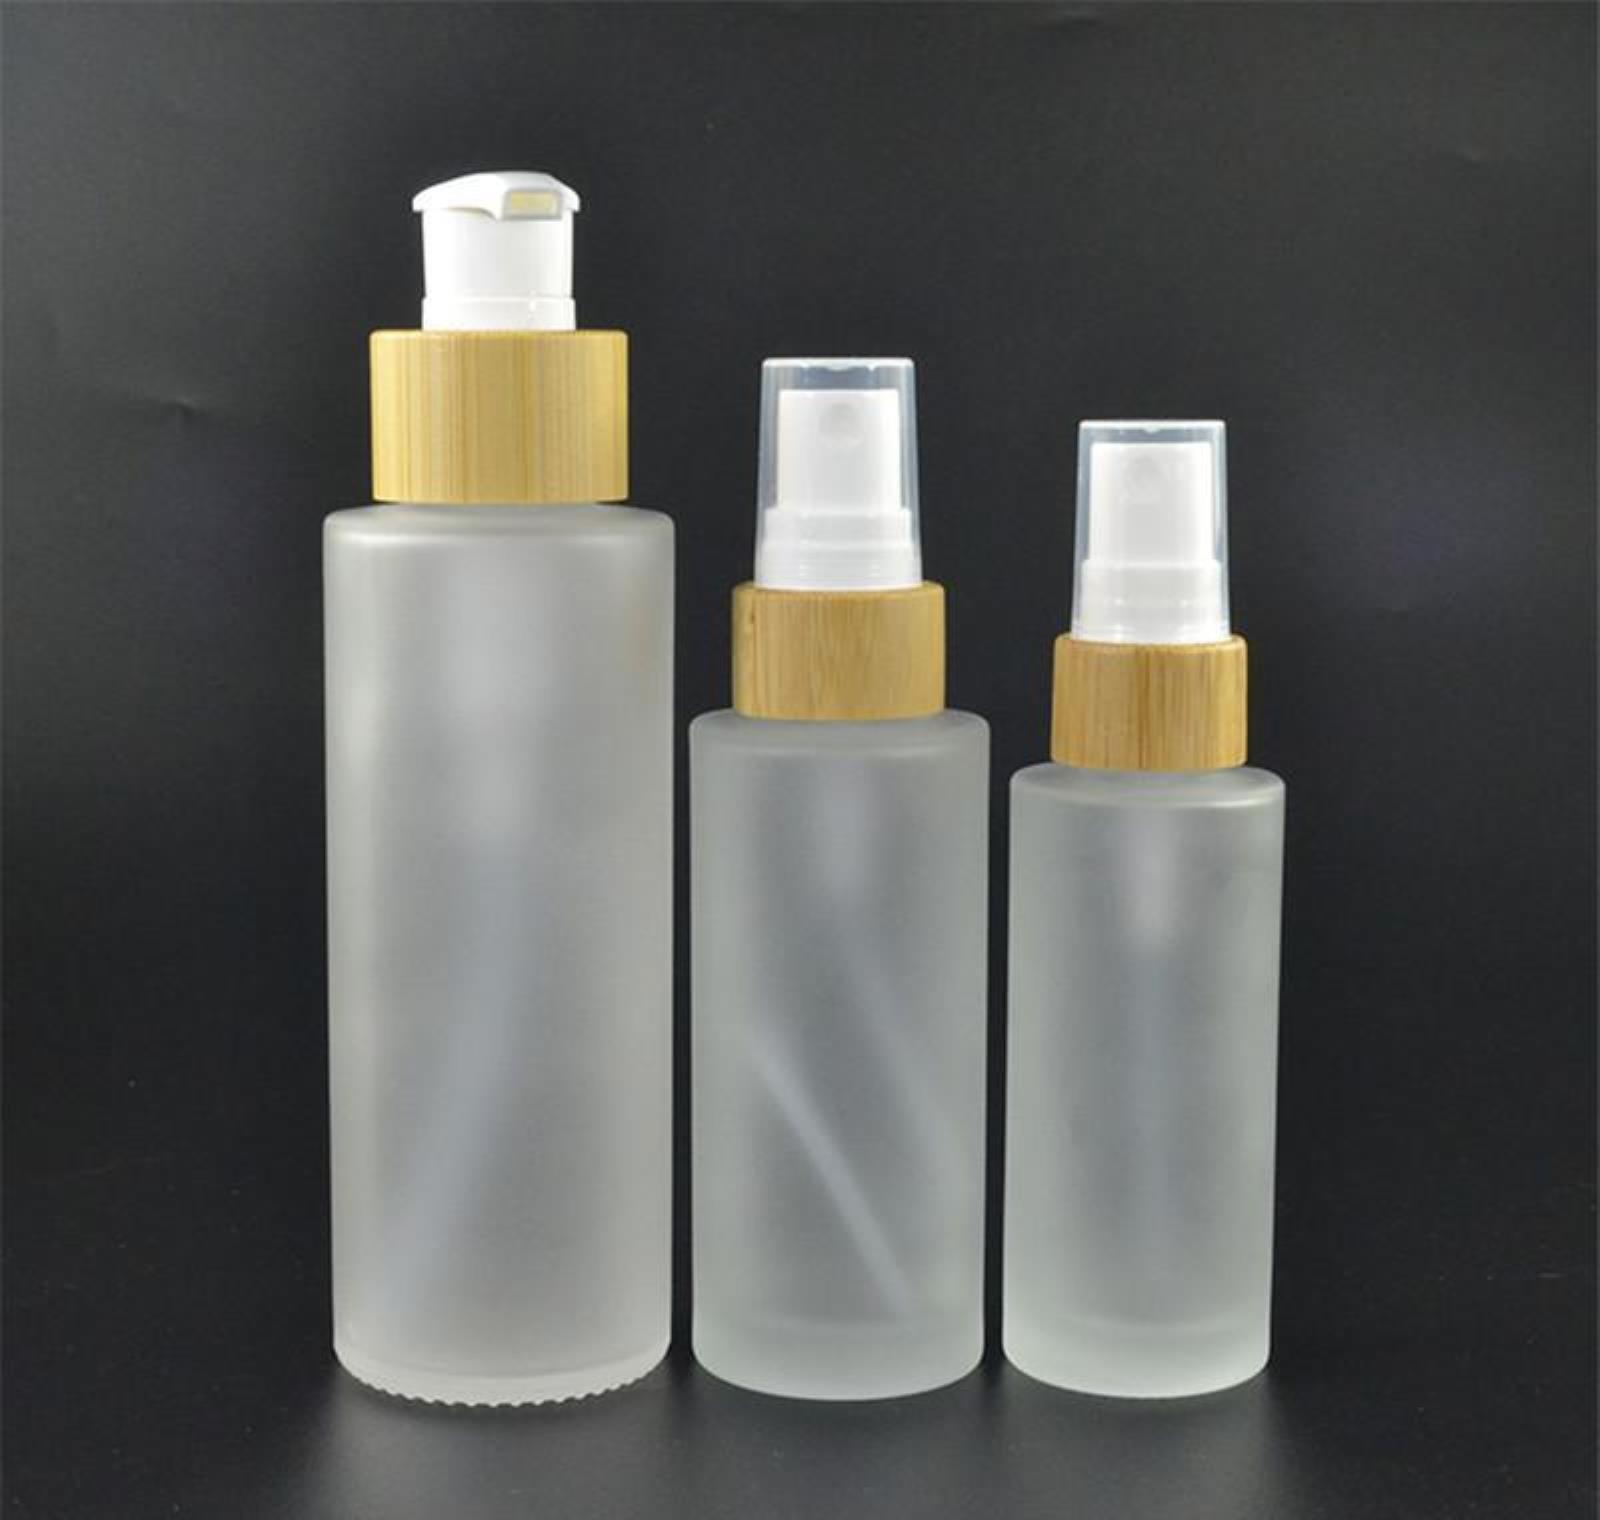 100 х 10 мл роликовых бутылок, 70 х 100 мл матовый стеклянный бамбук и белый спрей Ботт BBYLRN XMHYARD